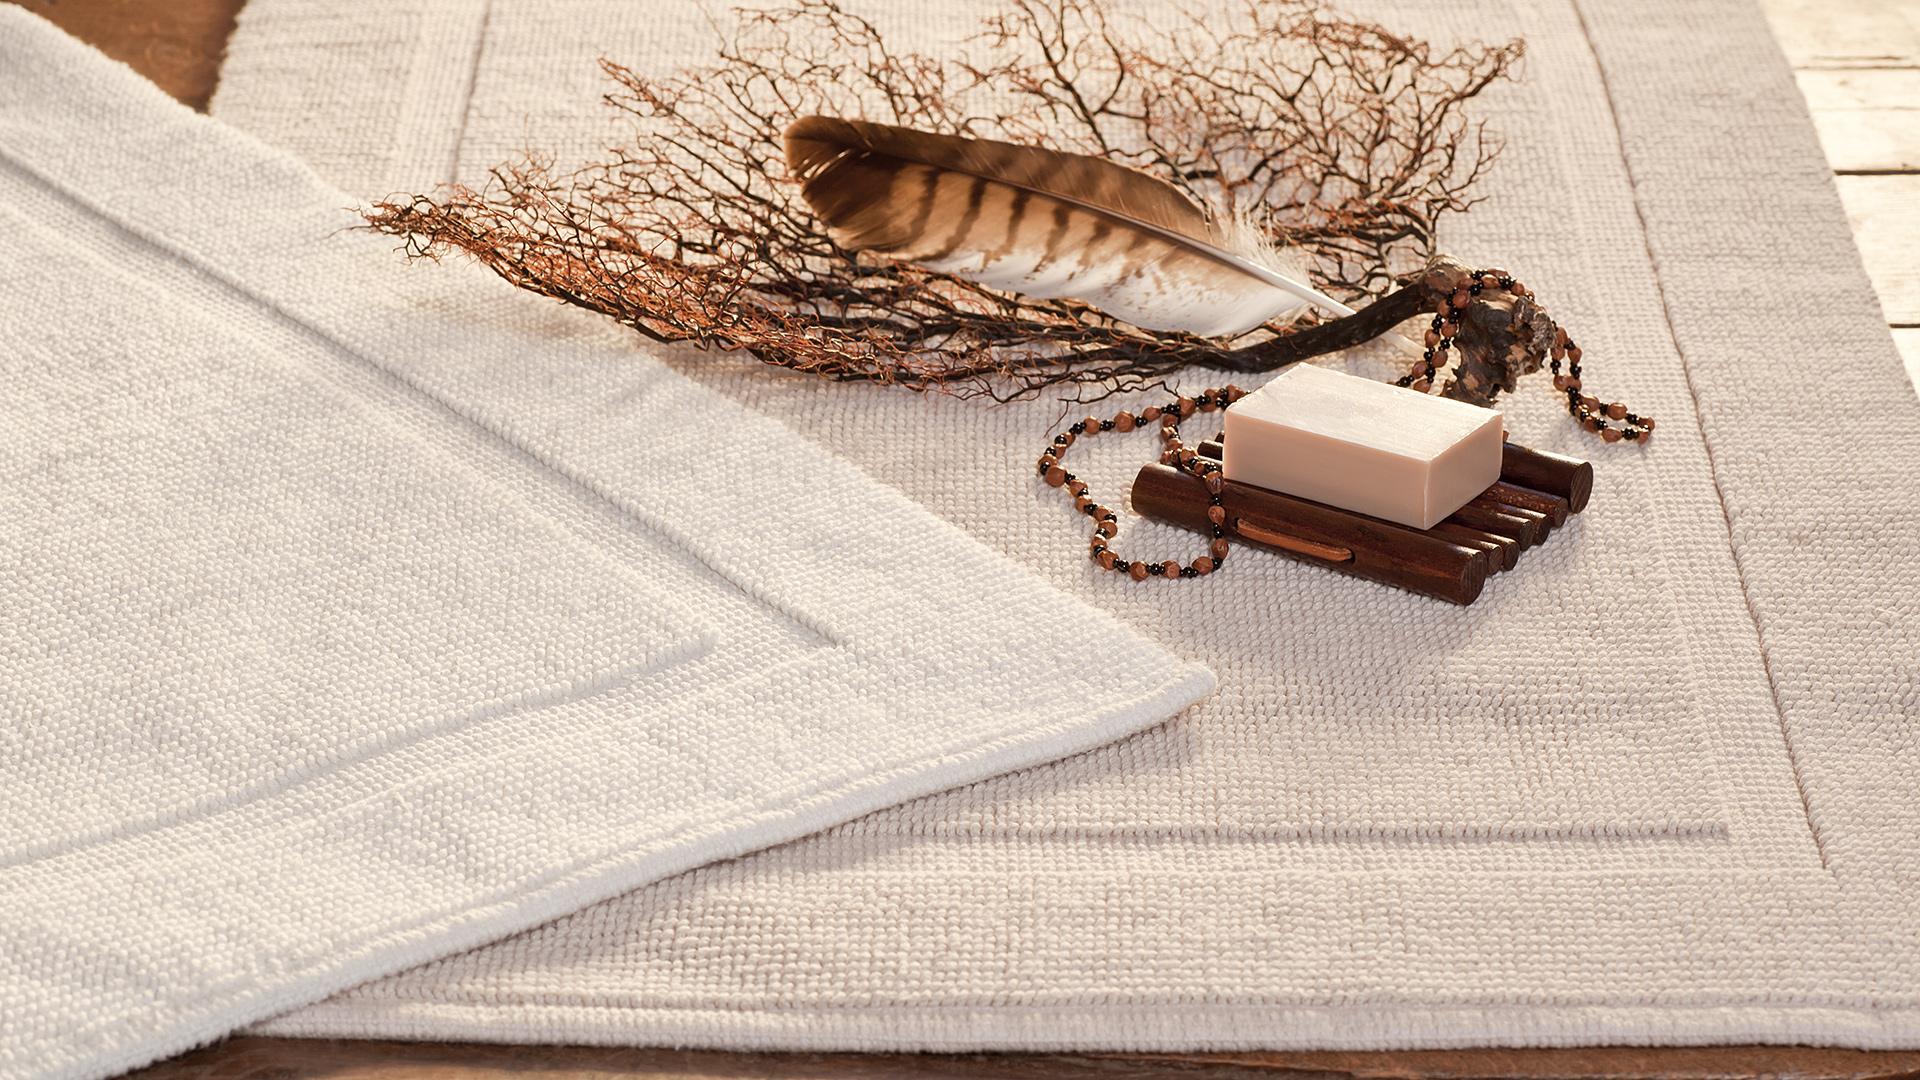 Klassische Eleganz und hochwertige Qualität - Bad-Teppich